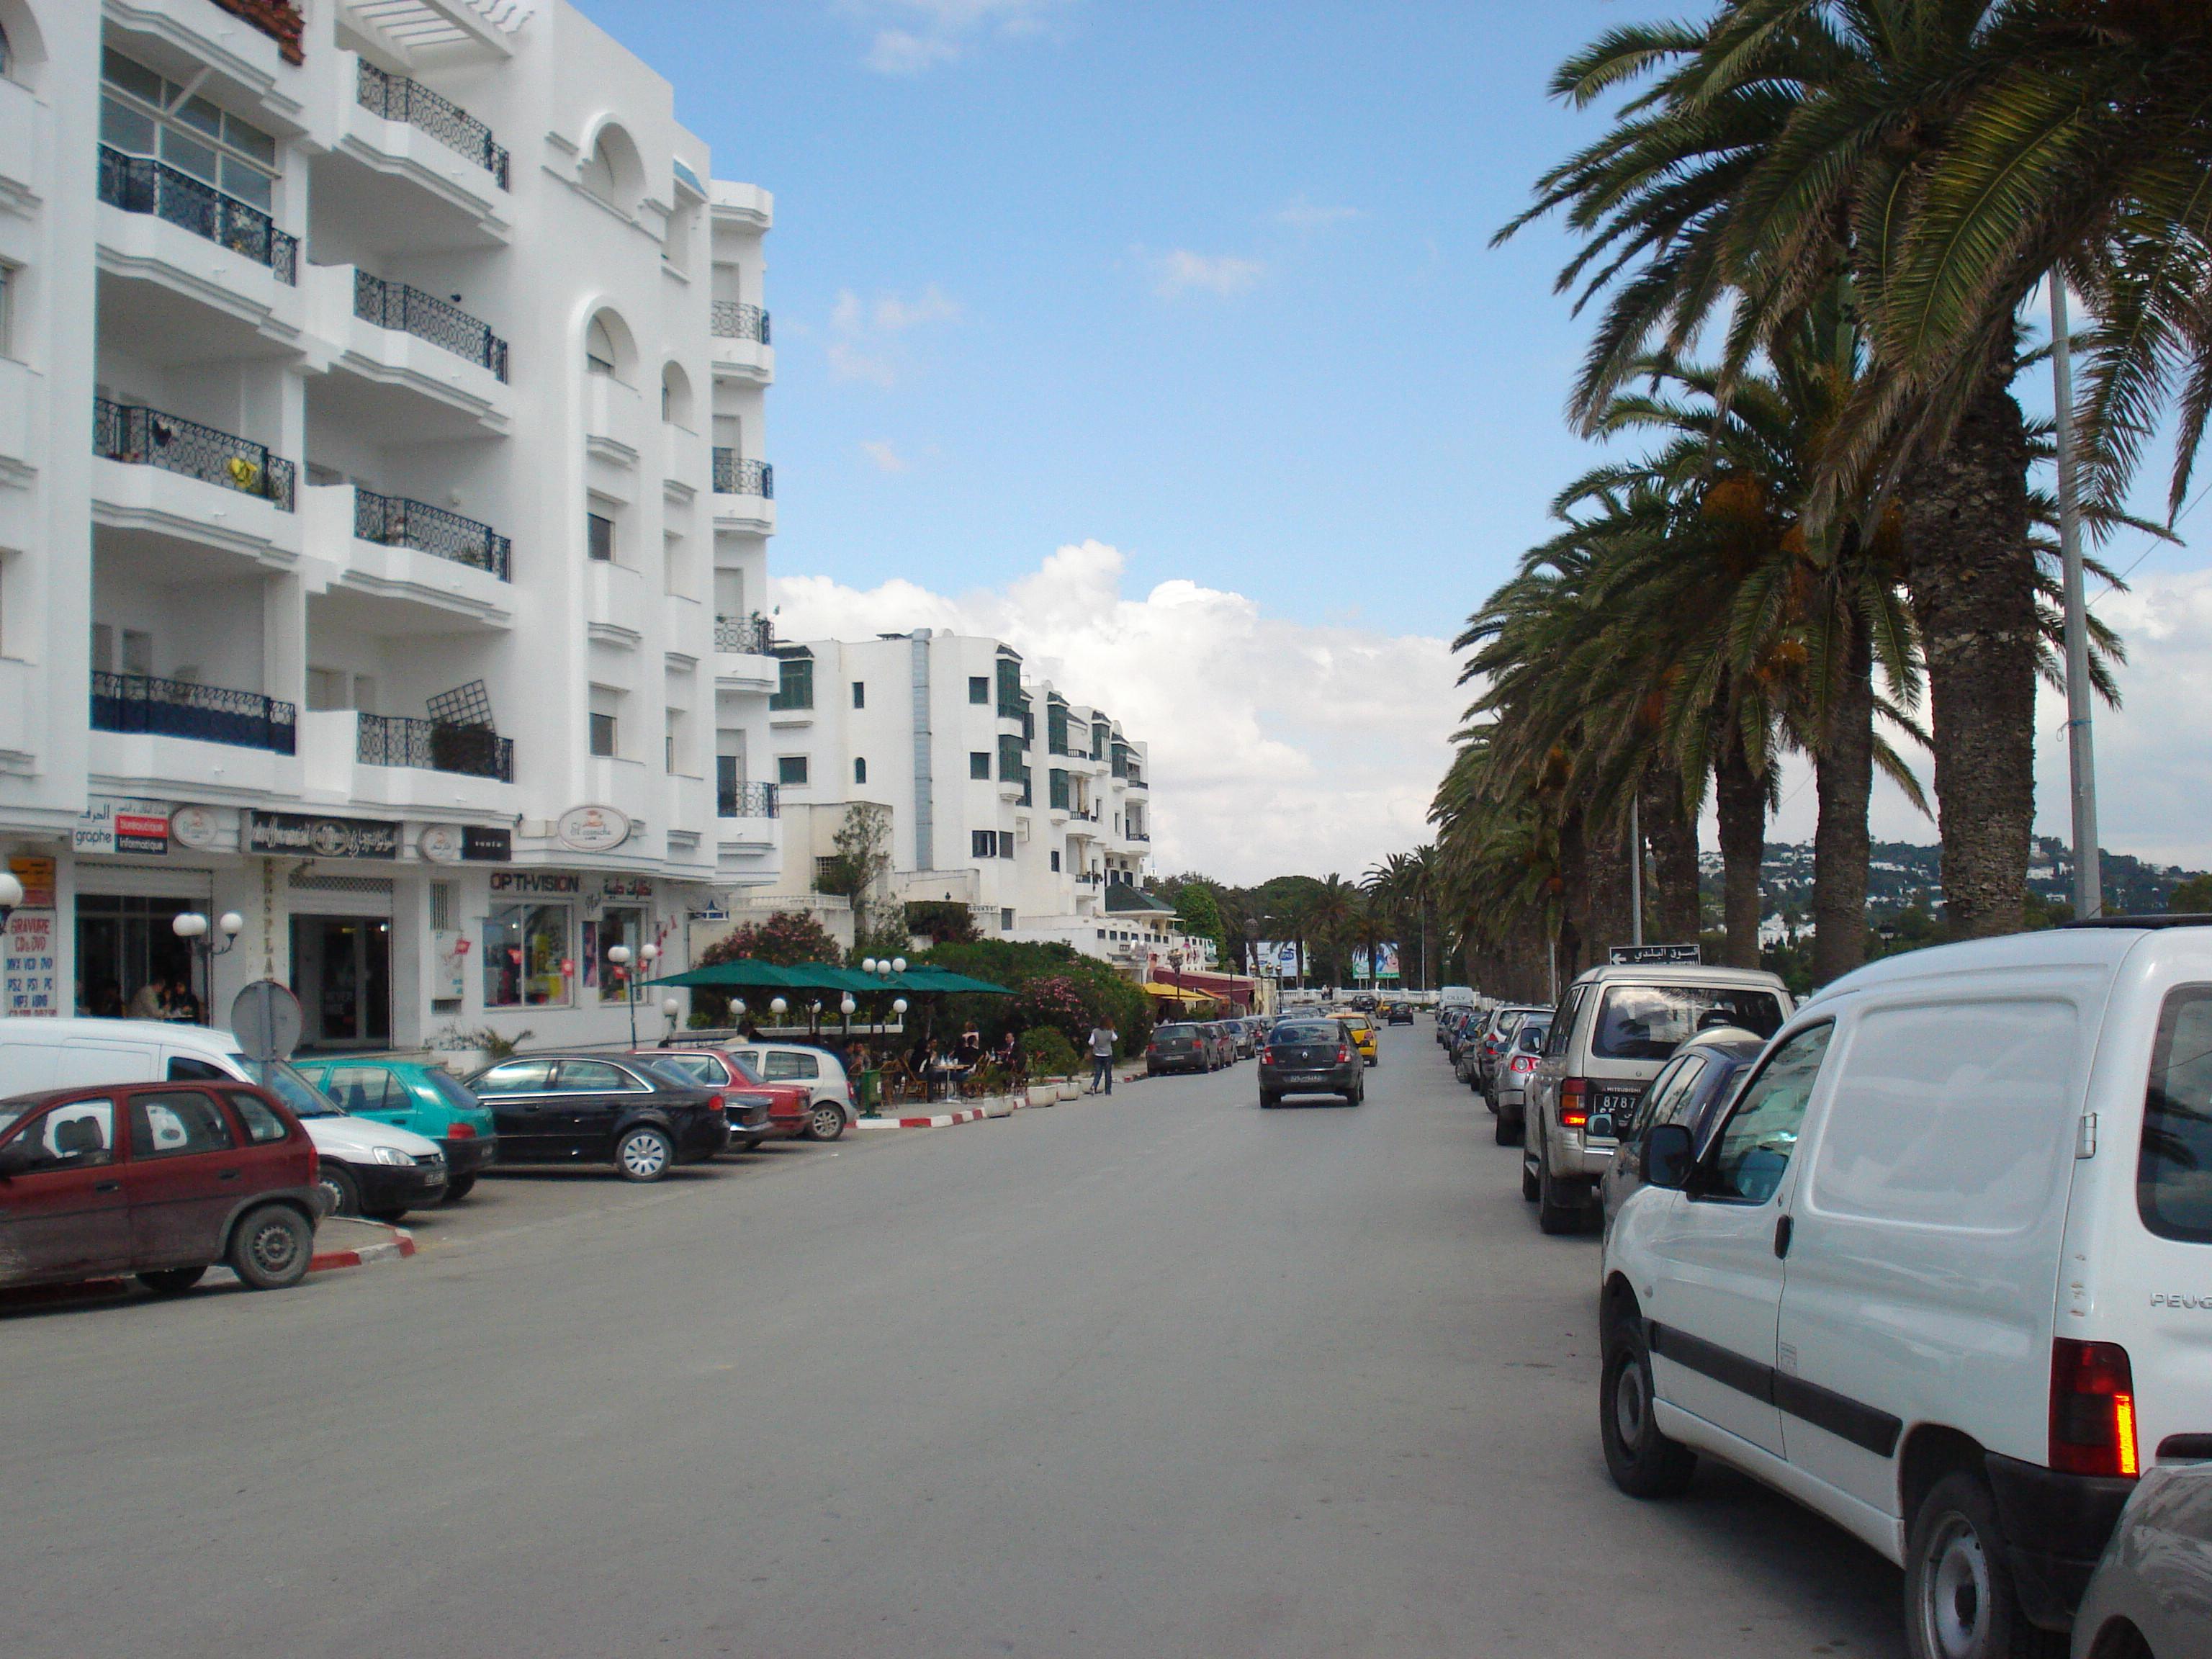 liste des municipalit s de tunisie par population. Black Bedroom Furniture Sets. Home Design Ideas